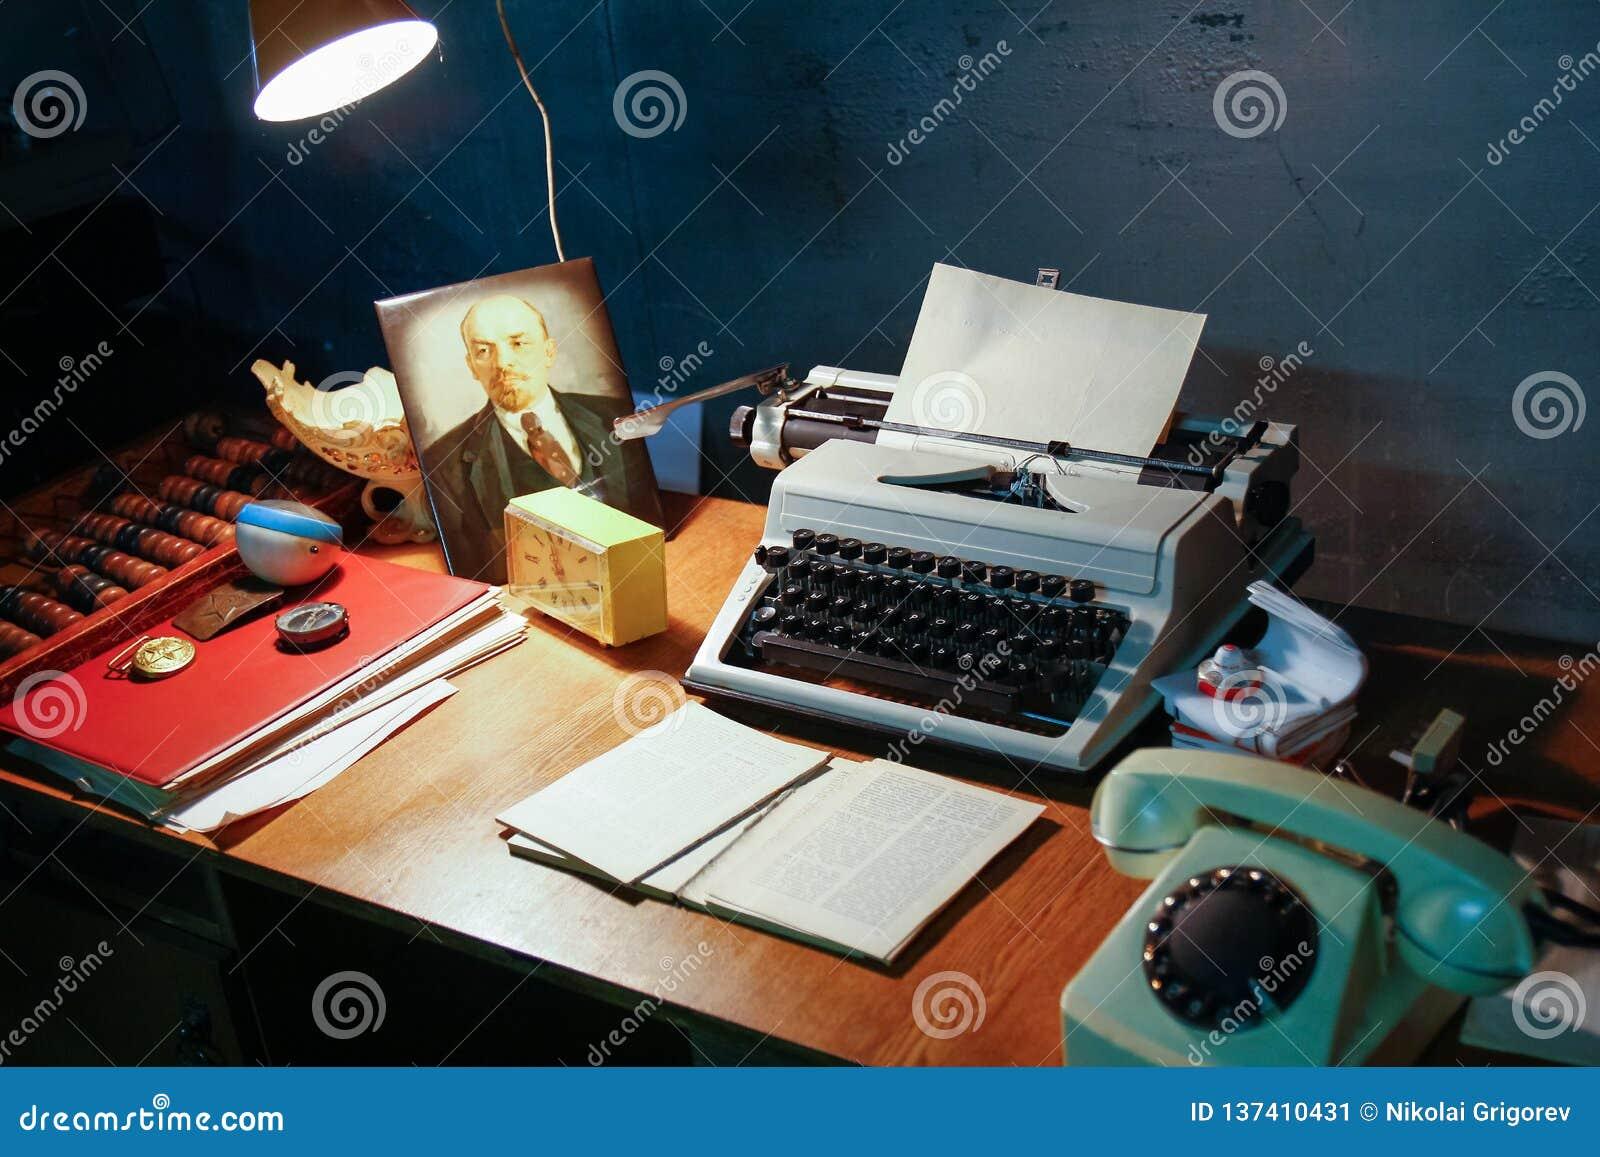 La photo d un lieu de travail à l heure de l URSS